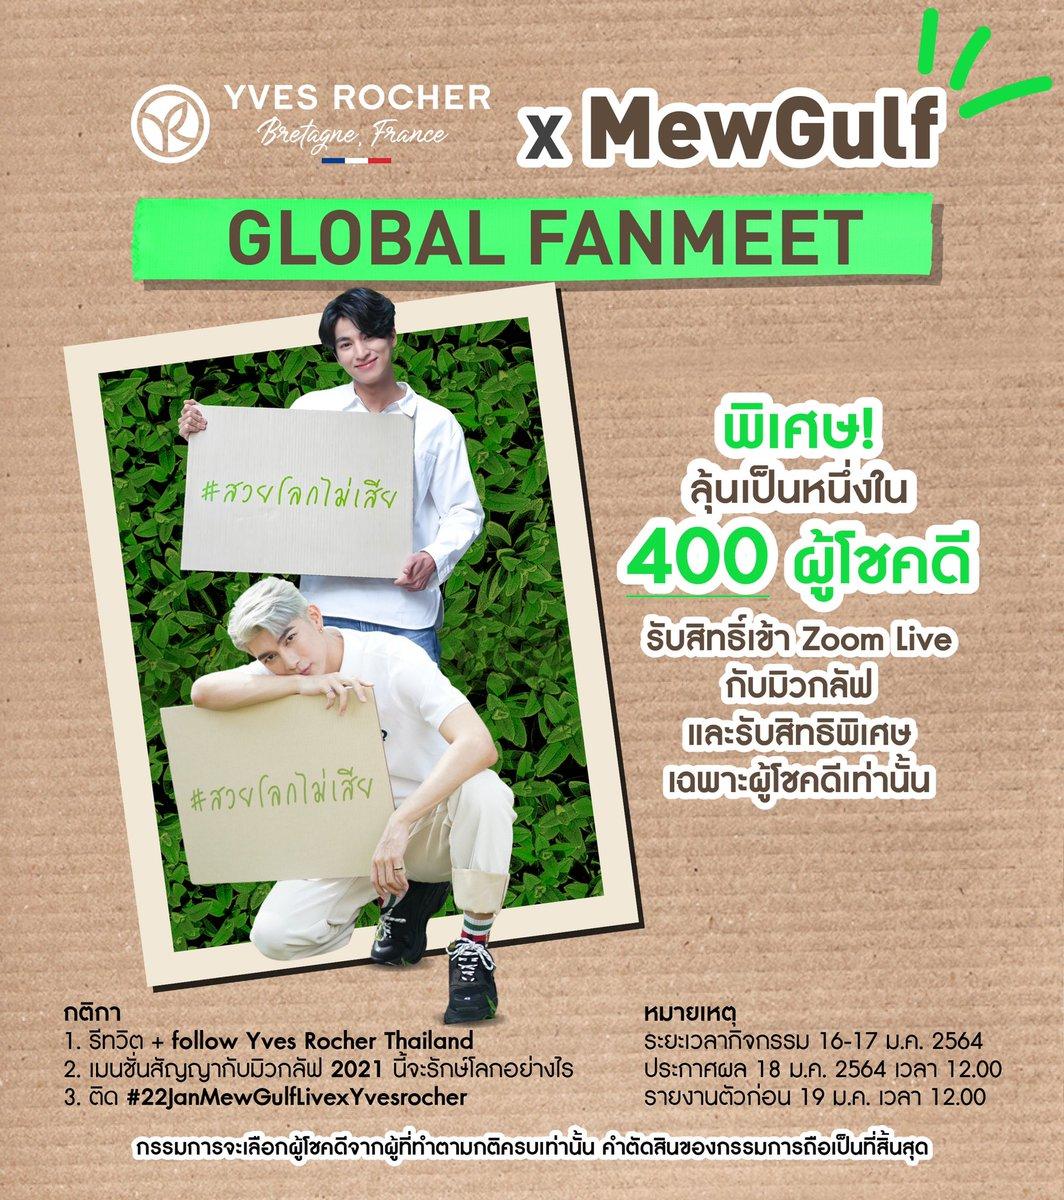 🎉 Yves Rocher x MewGulf Global Fan Meet  #หวานใจมิวกลัฟ ลุ้นเป็น 1 ใน 400 ผู้โชคดีทั้งไทยและต่างประเทศ รับสิทธิ์เข้าชม Live ทาง zoom และ 'สิทธิพิเศษ' เฉพาะใน zoom เท่านั้น  กติกา 1. รี + ฟอล 2. เมนชั่นสัญญากับมิวกลัฟ 2021 นี้จะรักษ์โลกอย่างไร 3. ติด #22JanMewGulfLivexYvesrocher